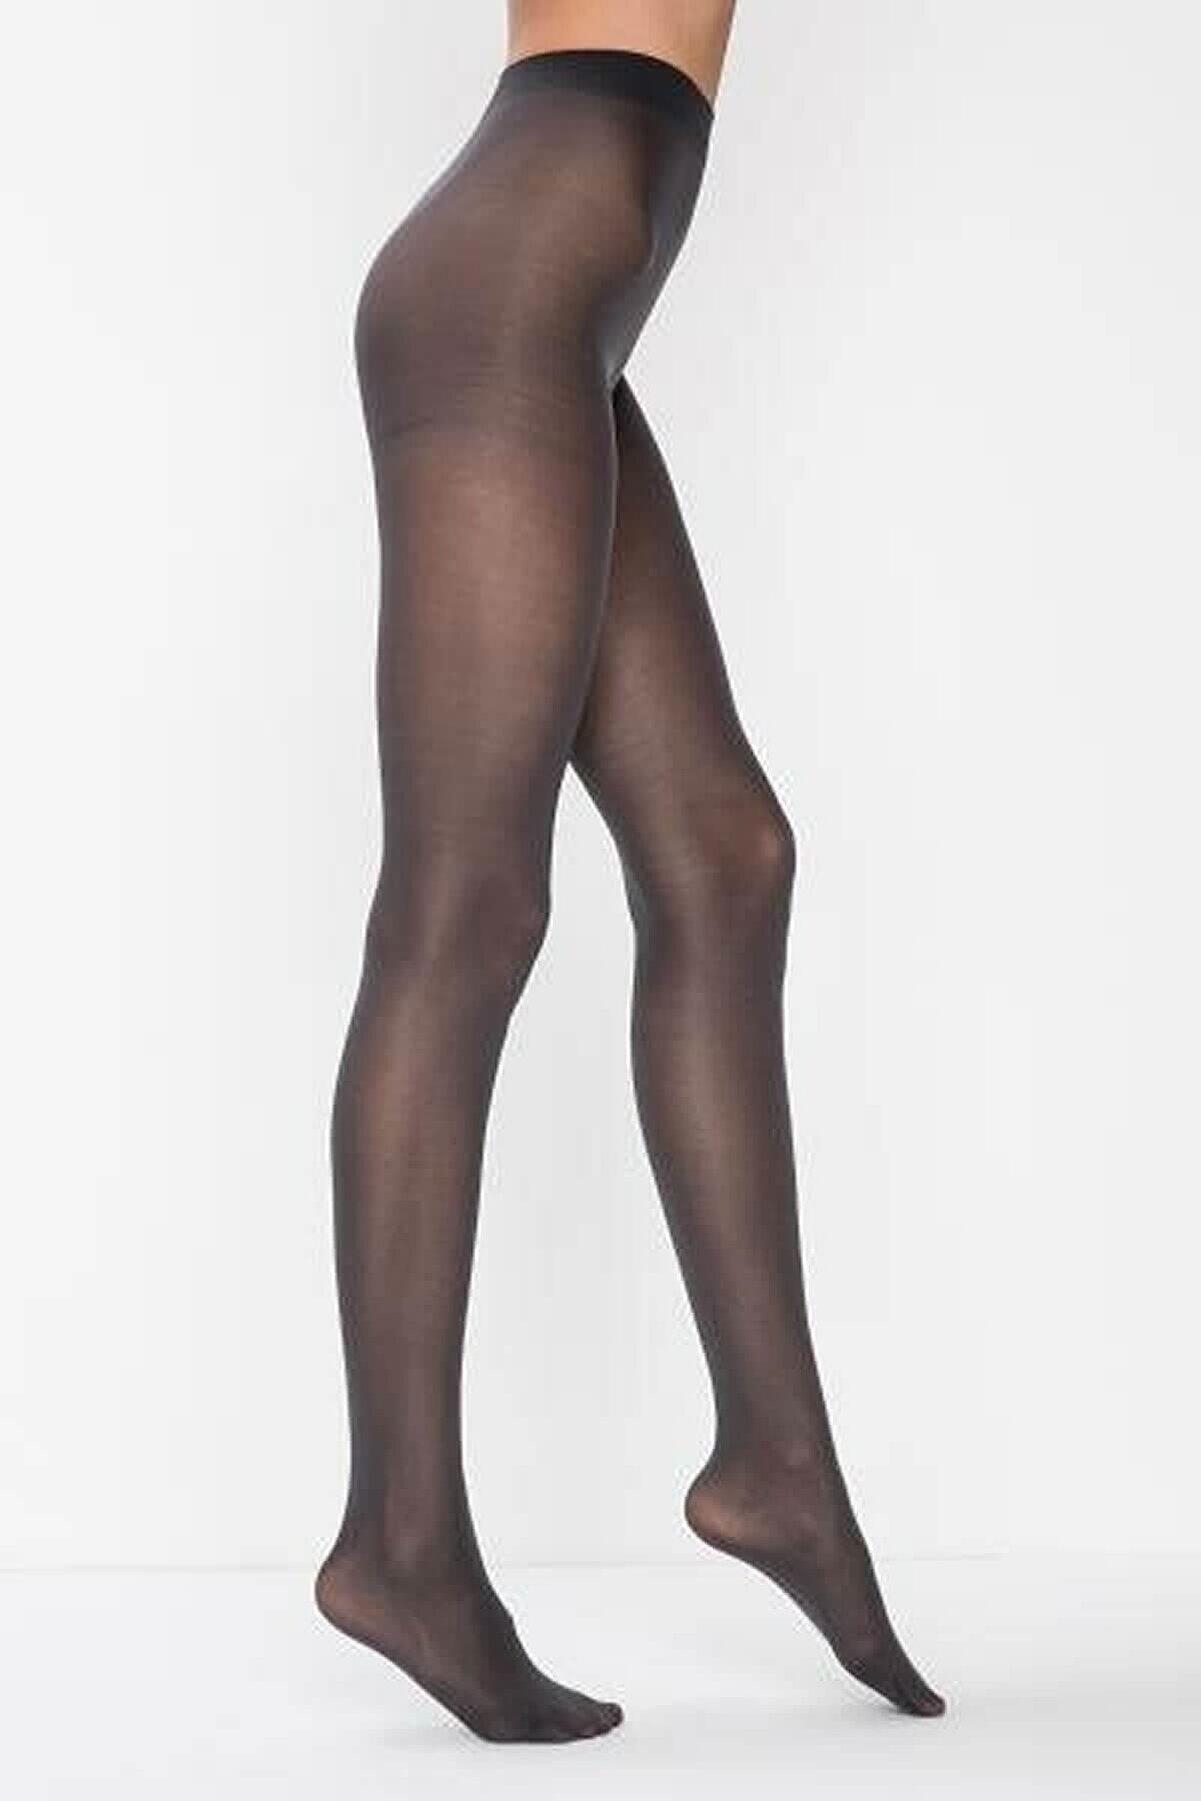 Penti Kadın Mikro 40 Antrasit Külotlu Çorap   Pclpp16k15sk-a